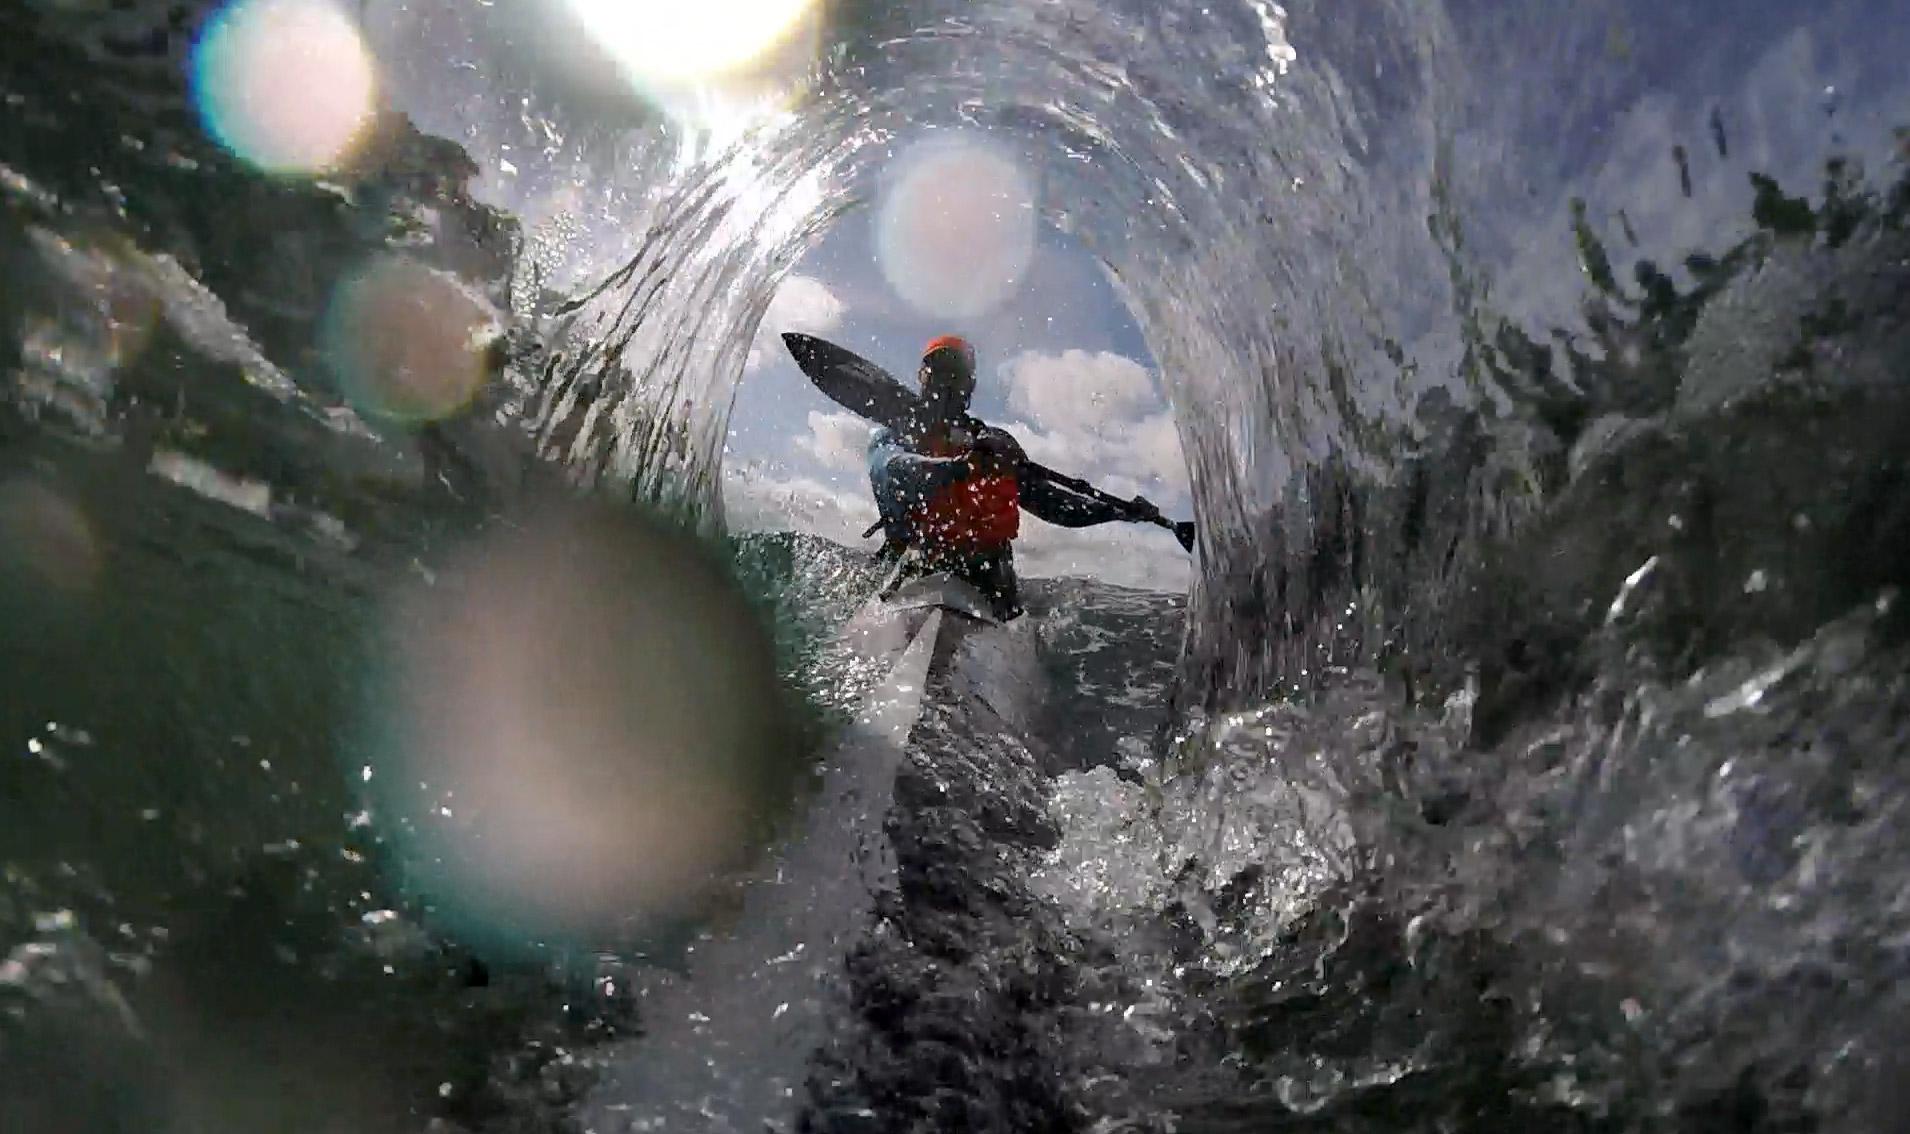 Barrels in a surfski? Kinda.